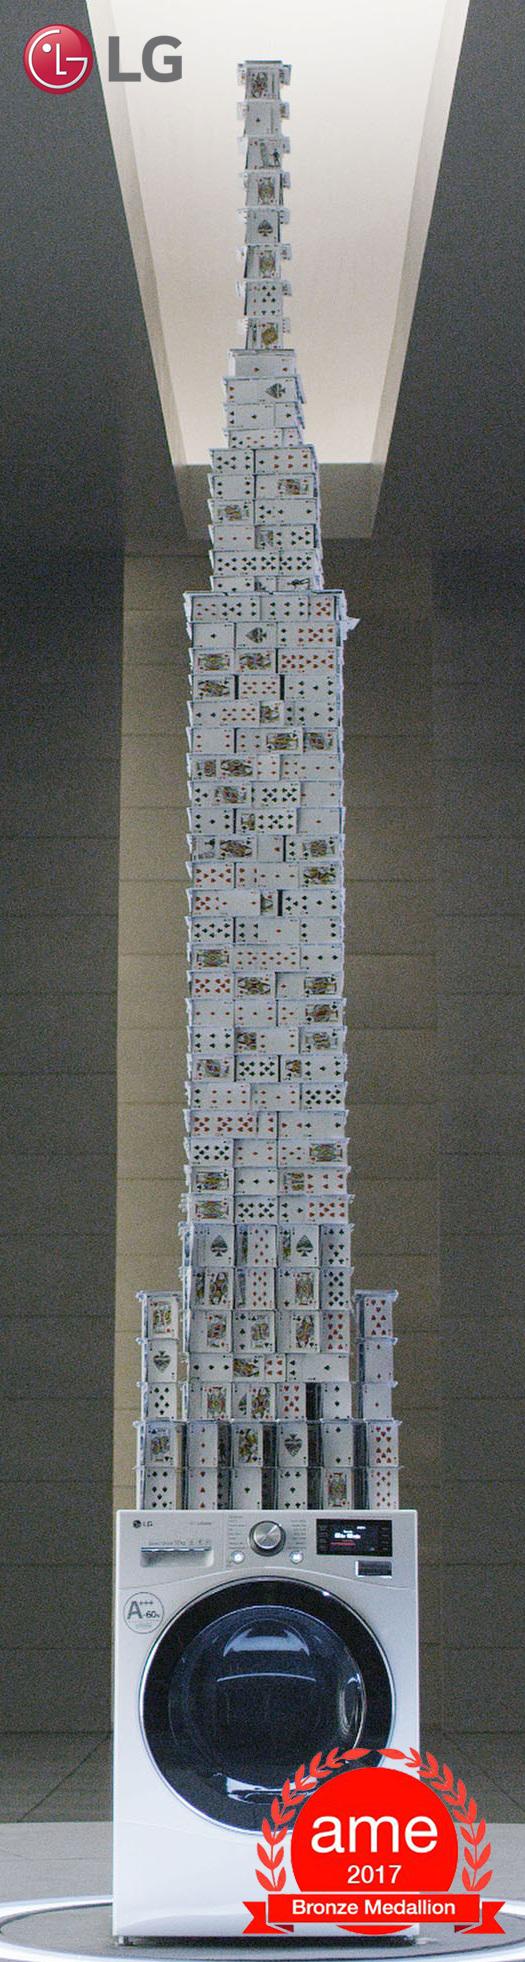 """Spektakulär: Das """"House of Cards"""" auf einer LG Centum System Waschmaschine."""